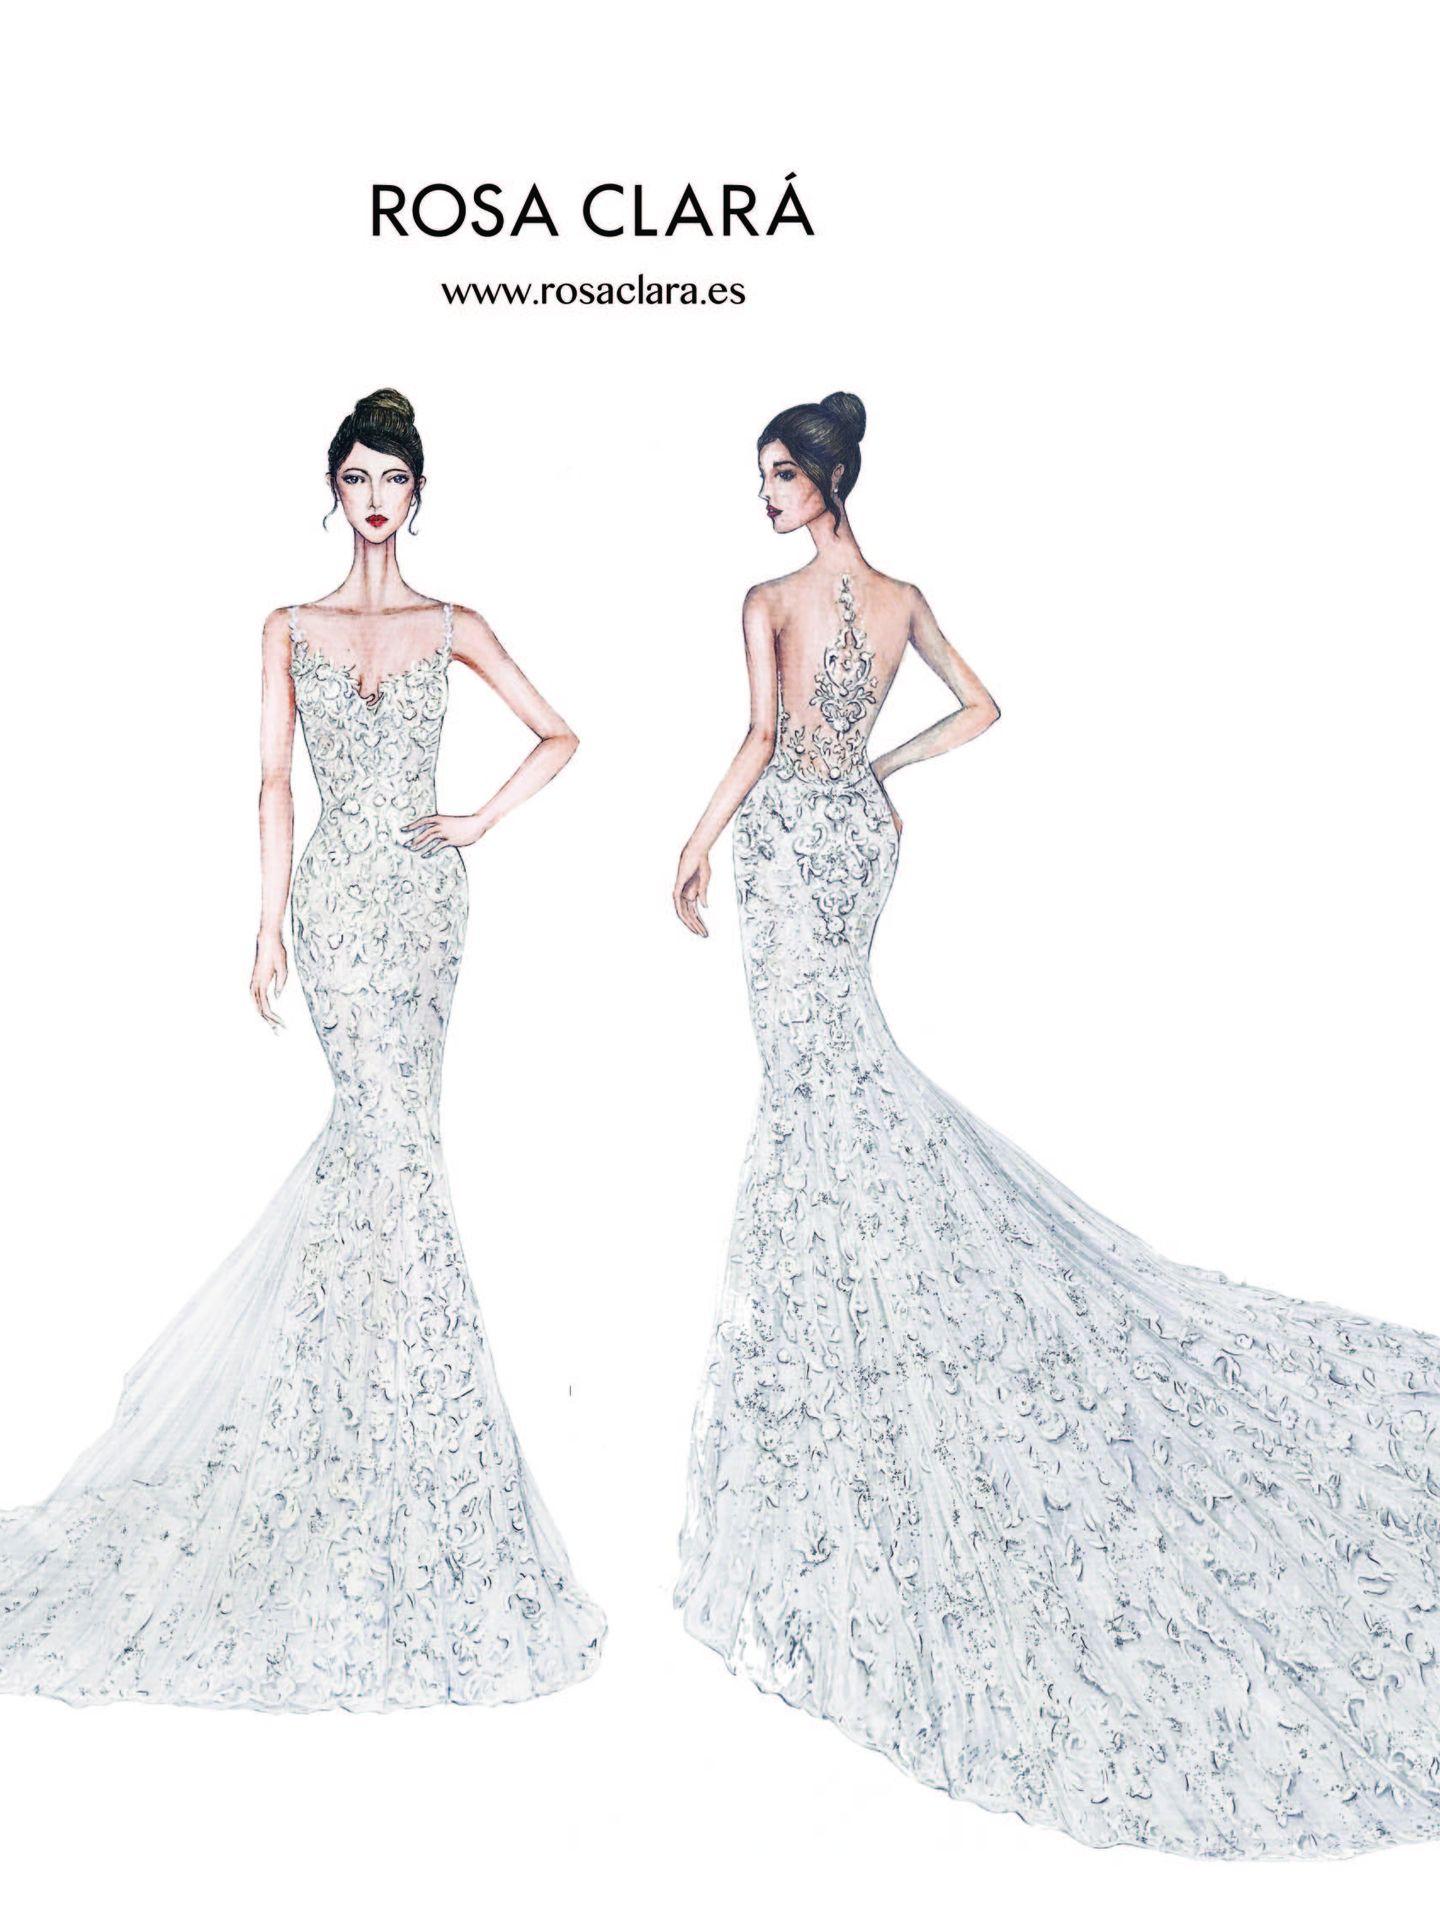 Boceto del diseño que ha lucido Antonella Rocuzzo en su boda